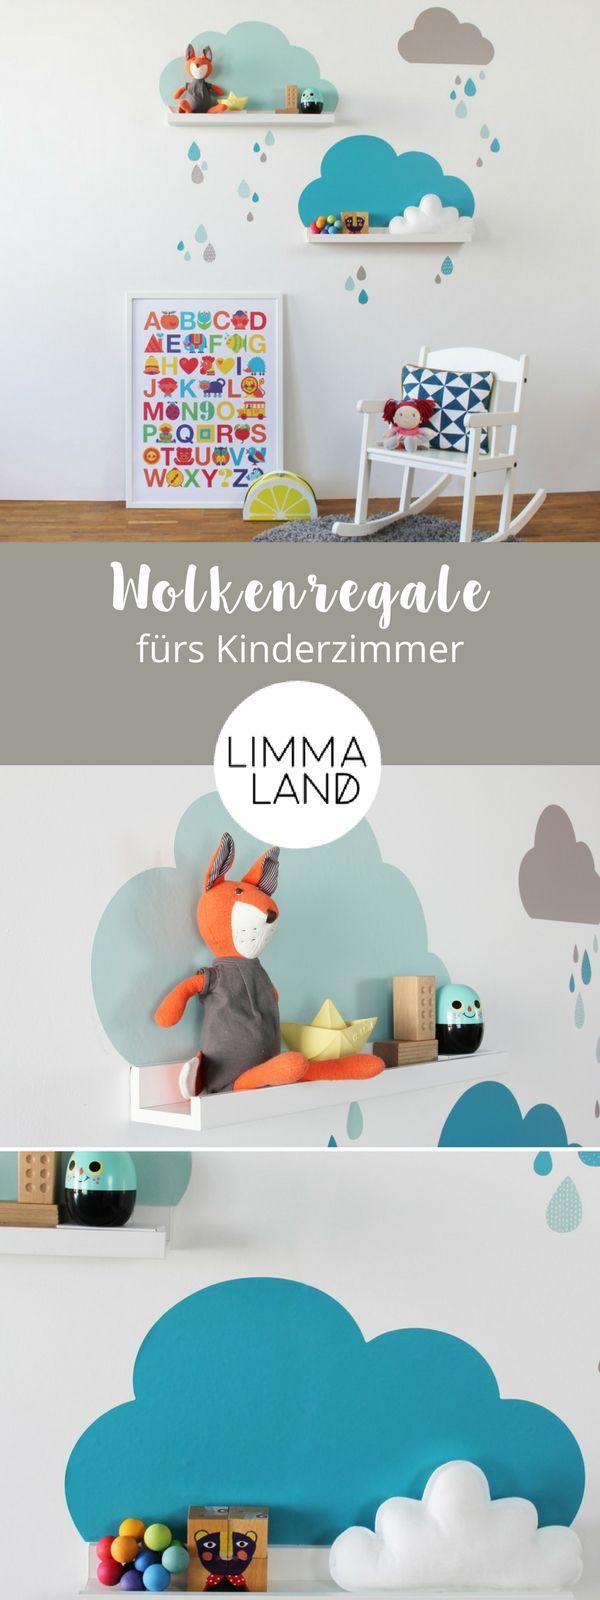 Kinderbilder fürs kinderzimmer katze  Die besten 25+ Wandtattoo für kinderzimmer Ideen auf Pinterest ...